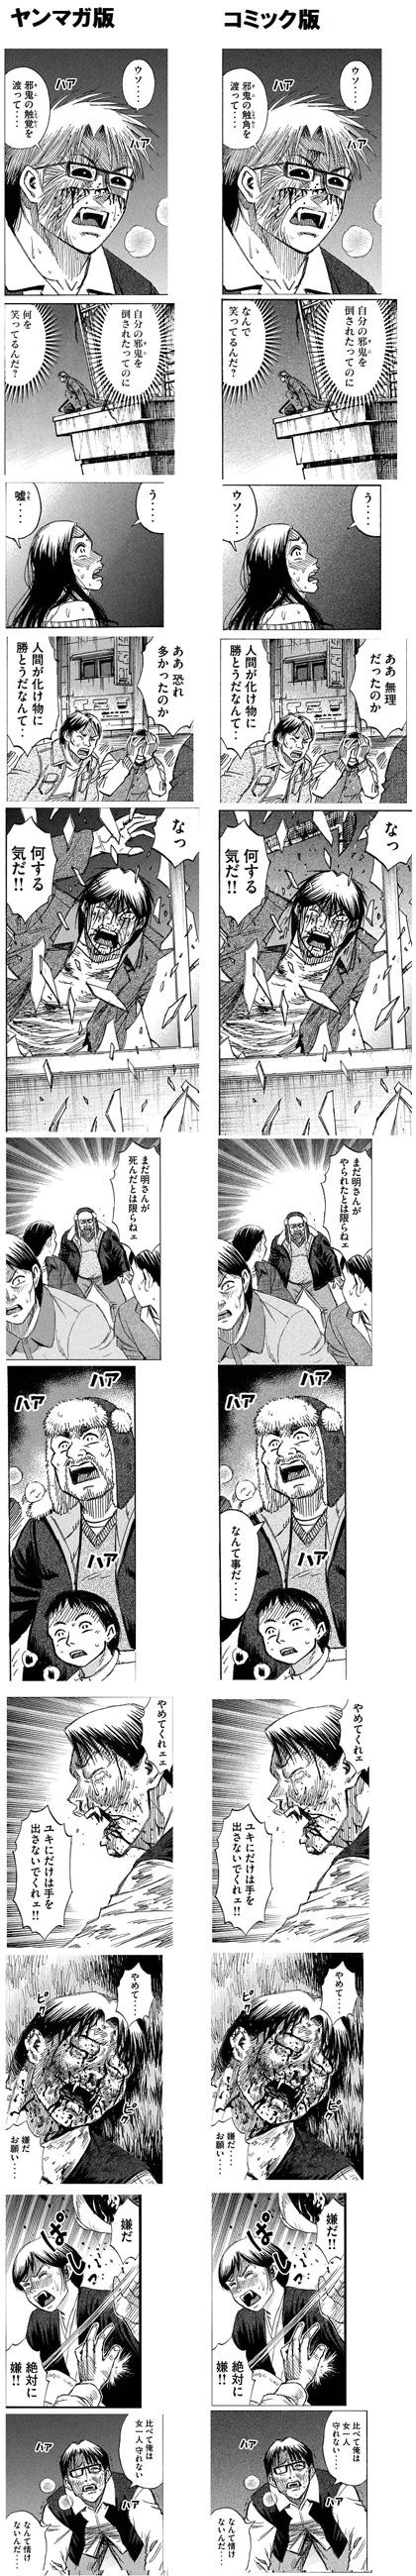 higanjima_16041202.jpg